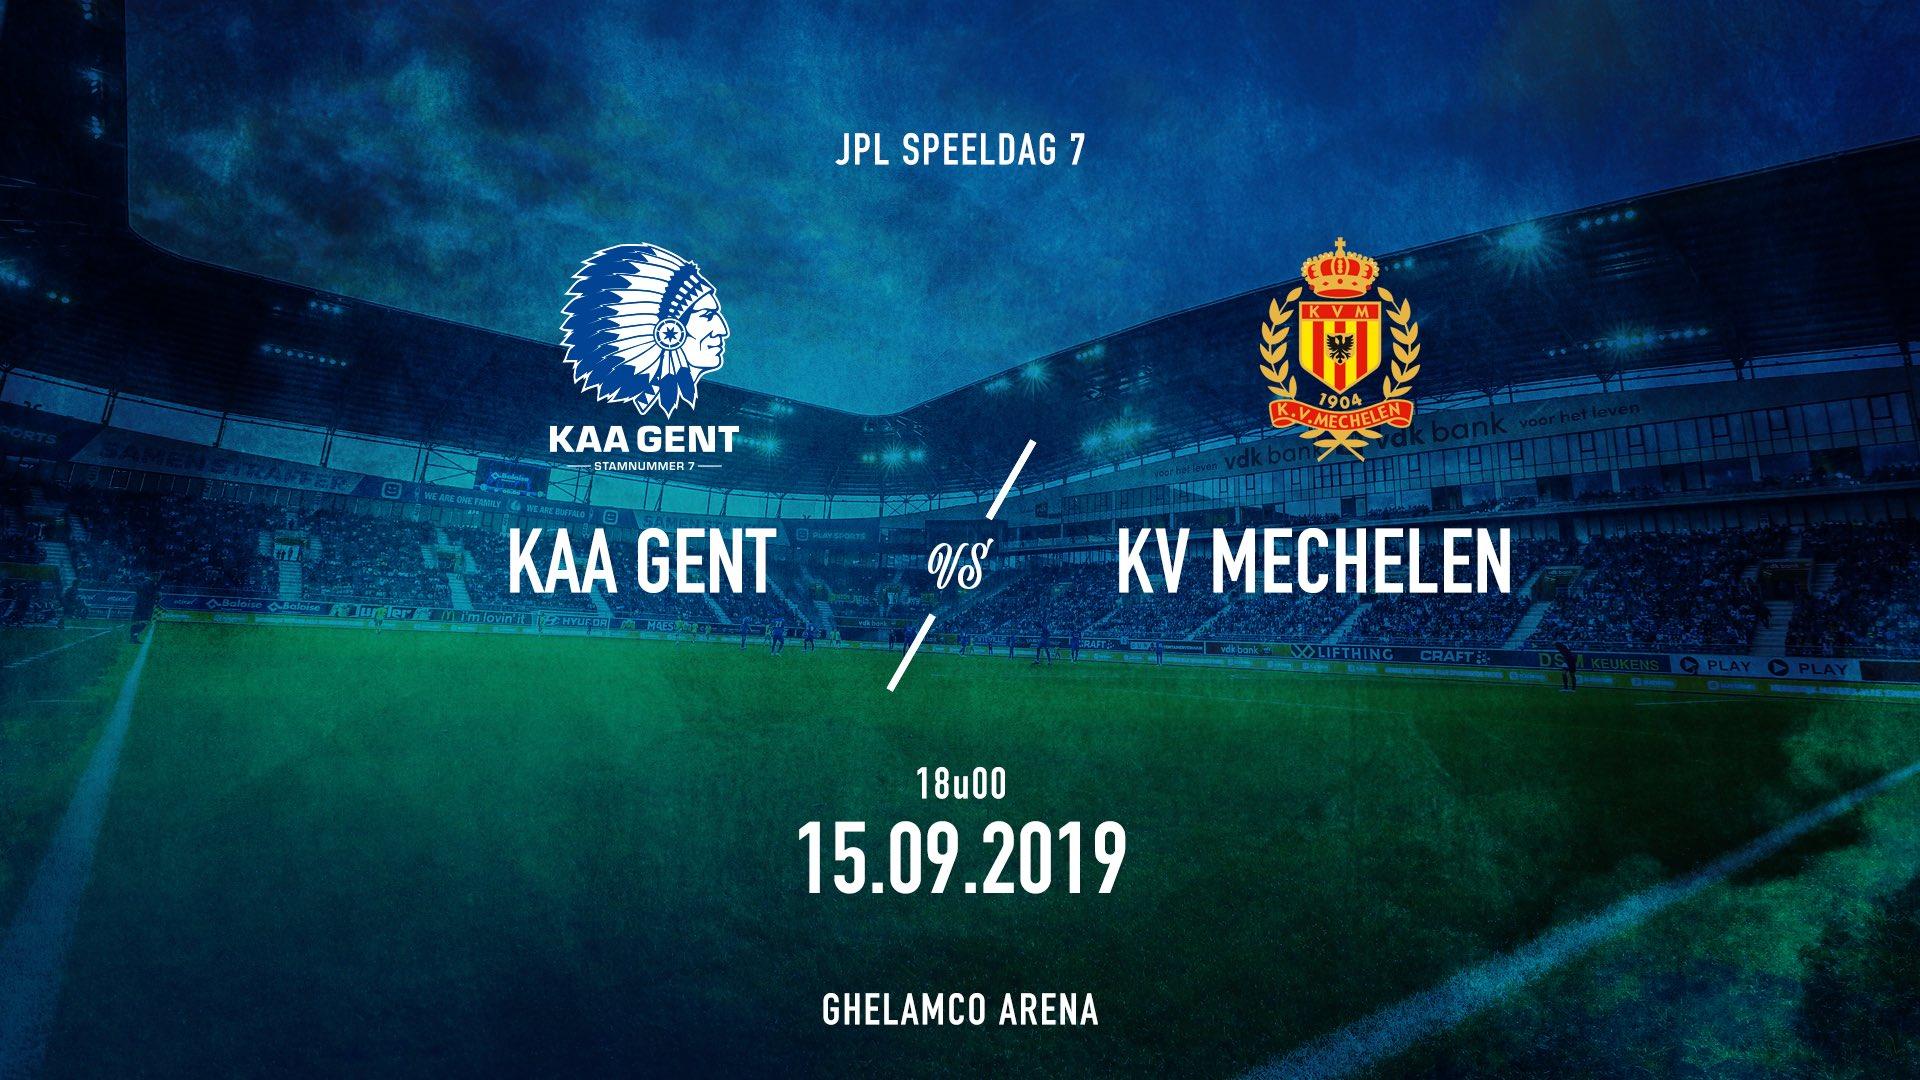 Kaa Gent On Twitter Not Just A Matchday Gntkvm Jpl